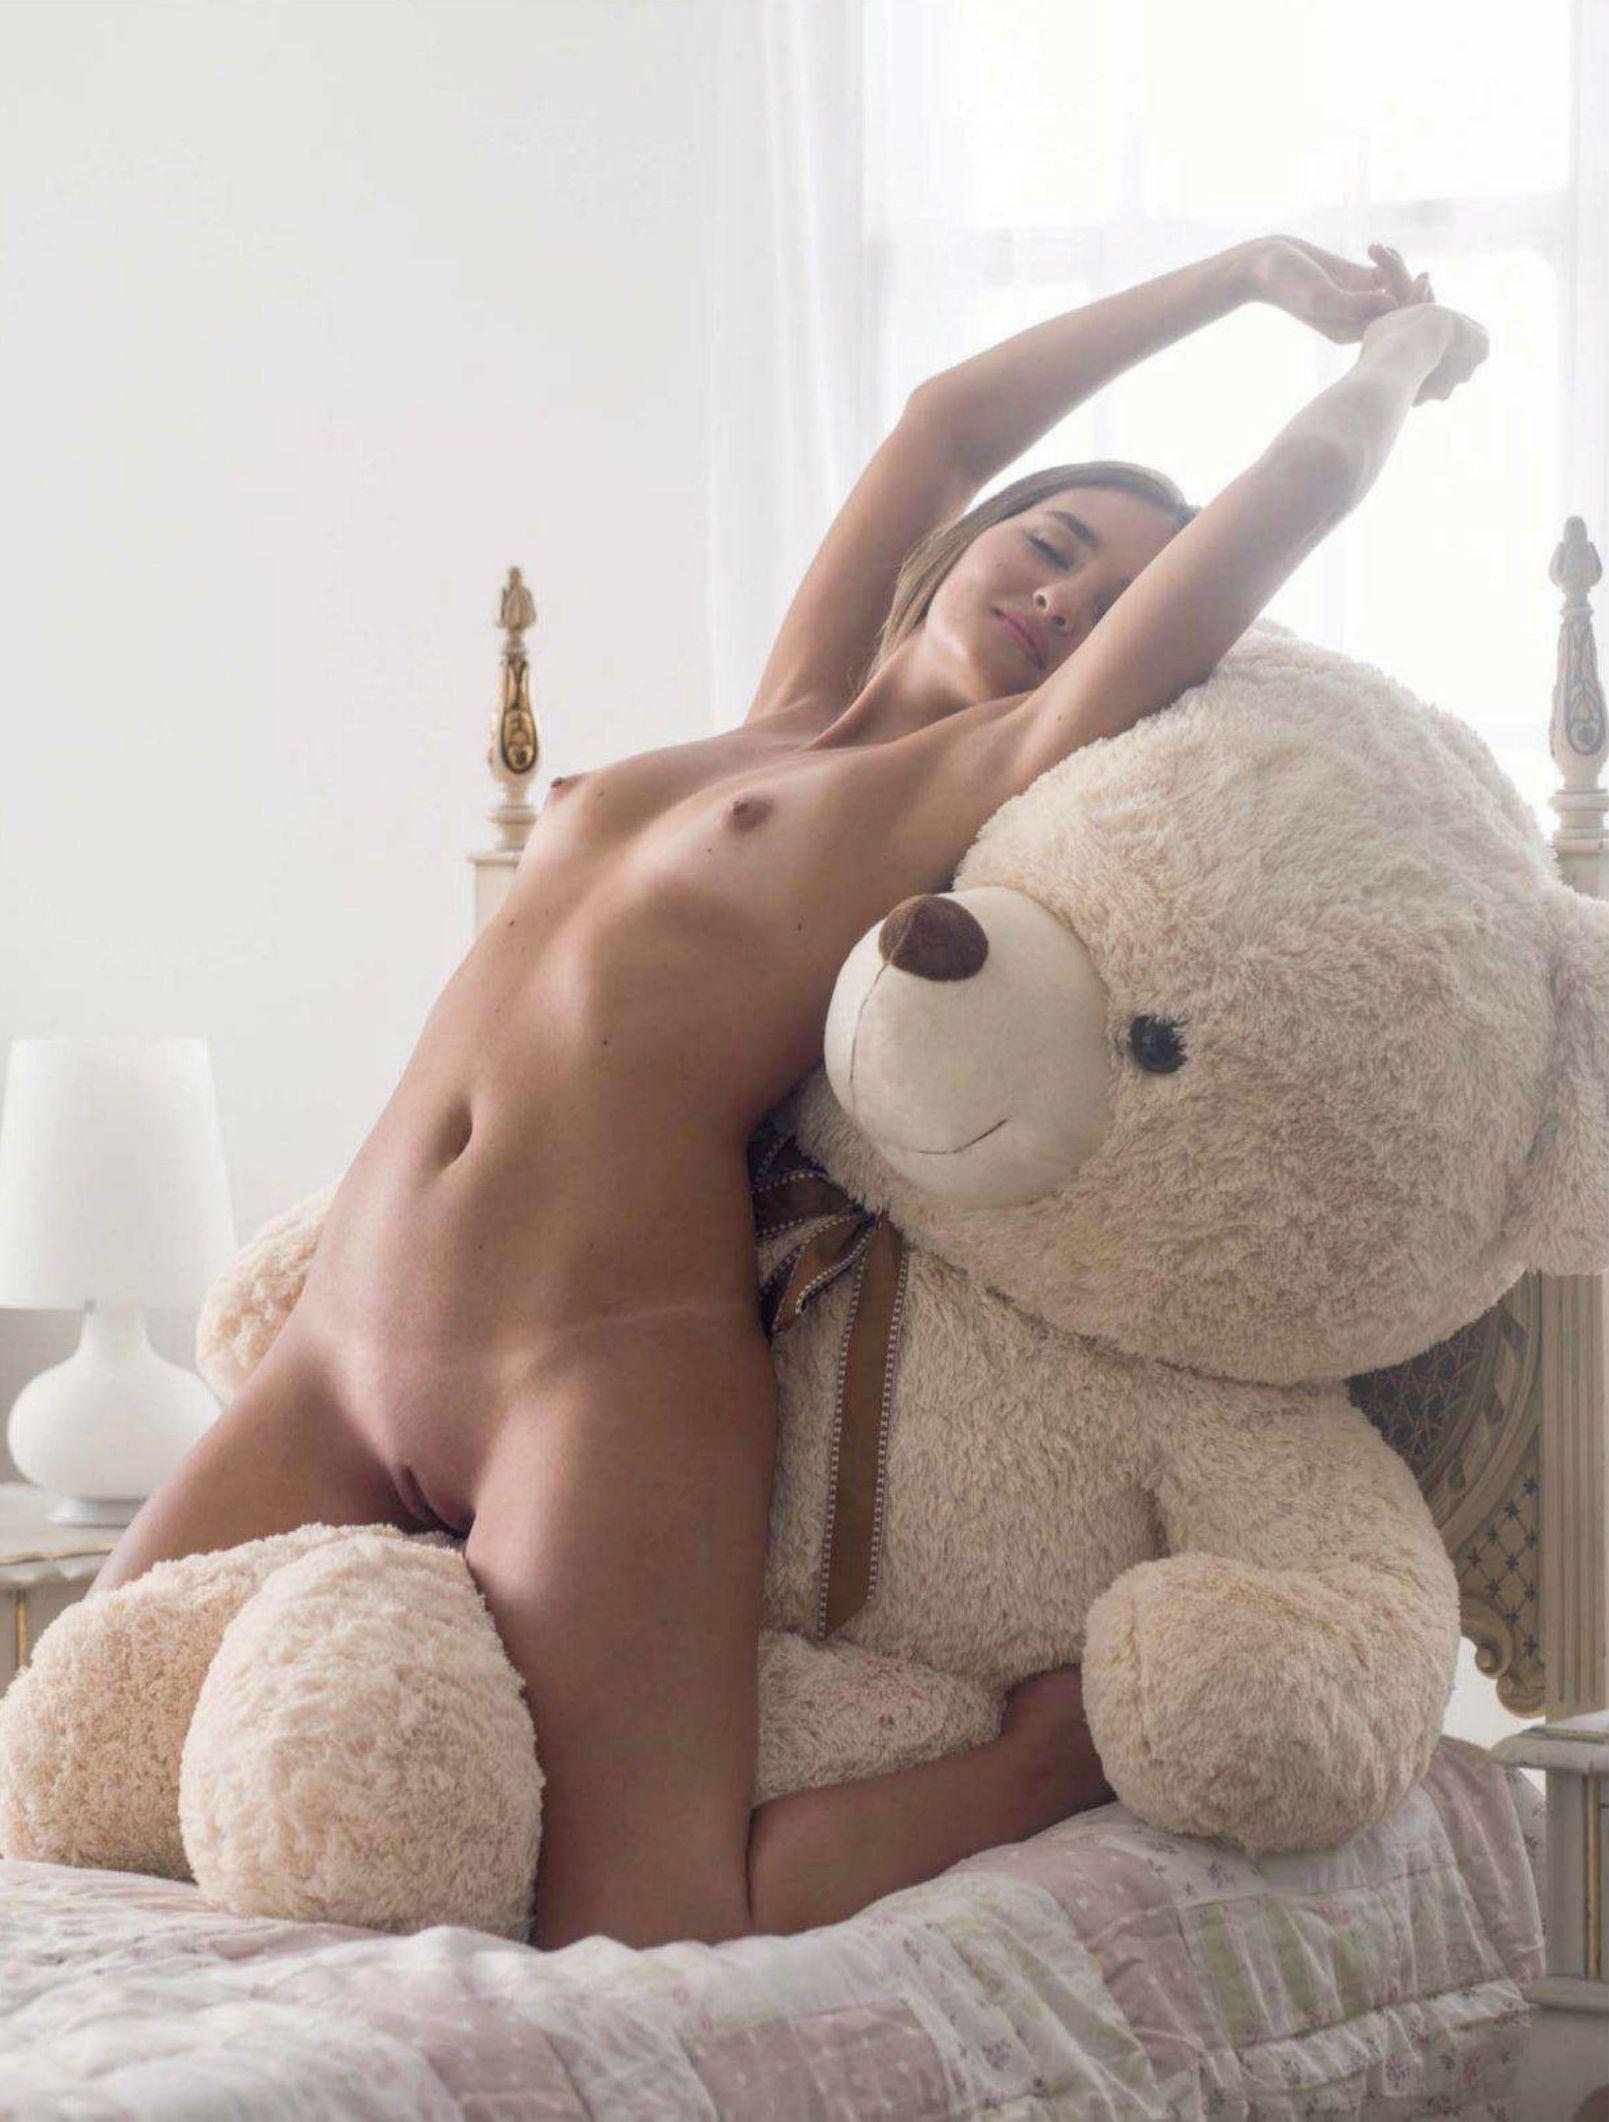 Фото как девушка трахается с плющевым медведем 24 фотография